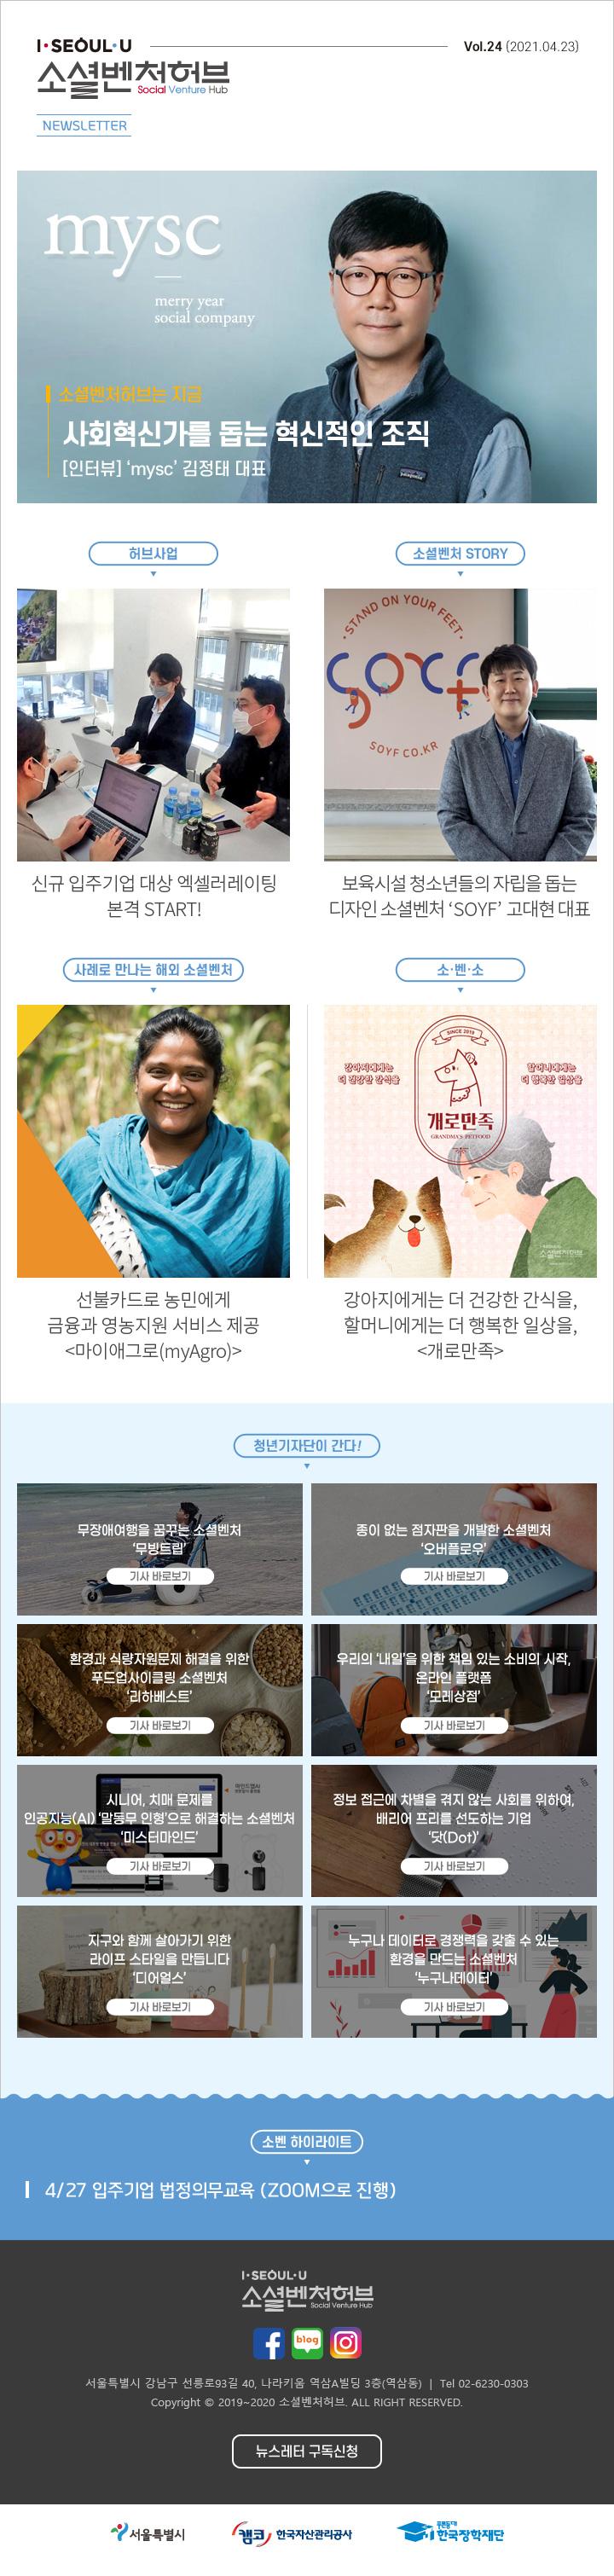 소셜벤처 허브센터 뉴스레터